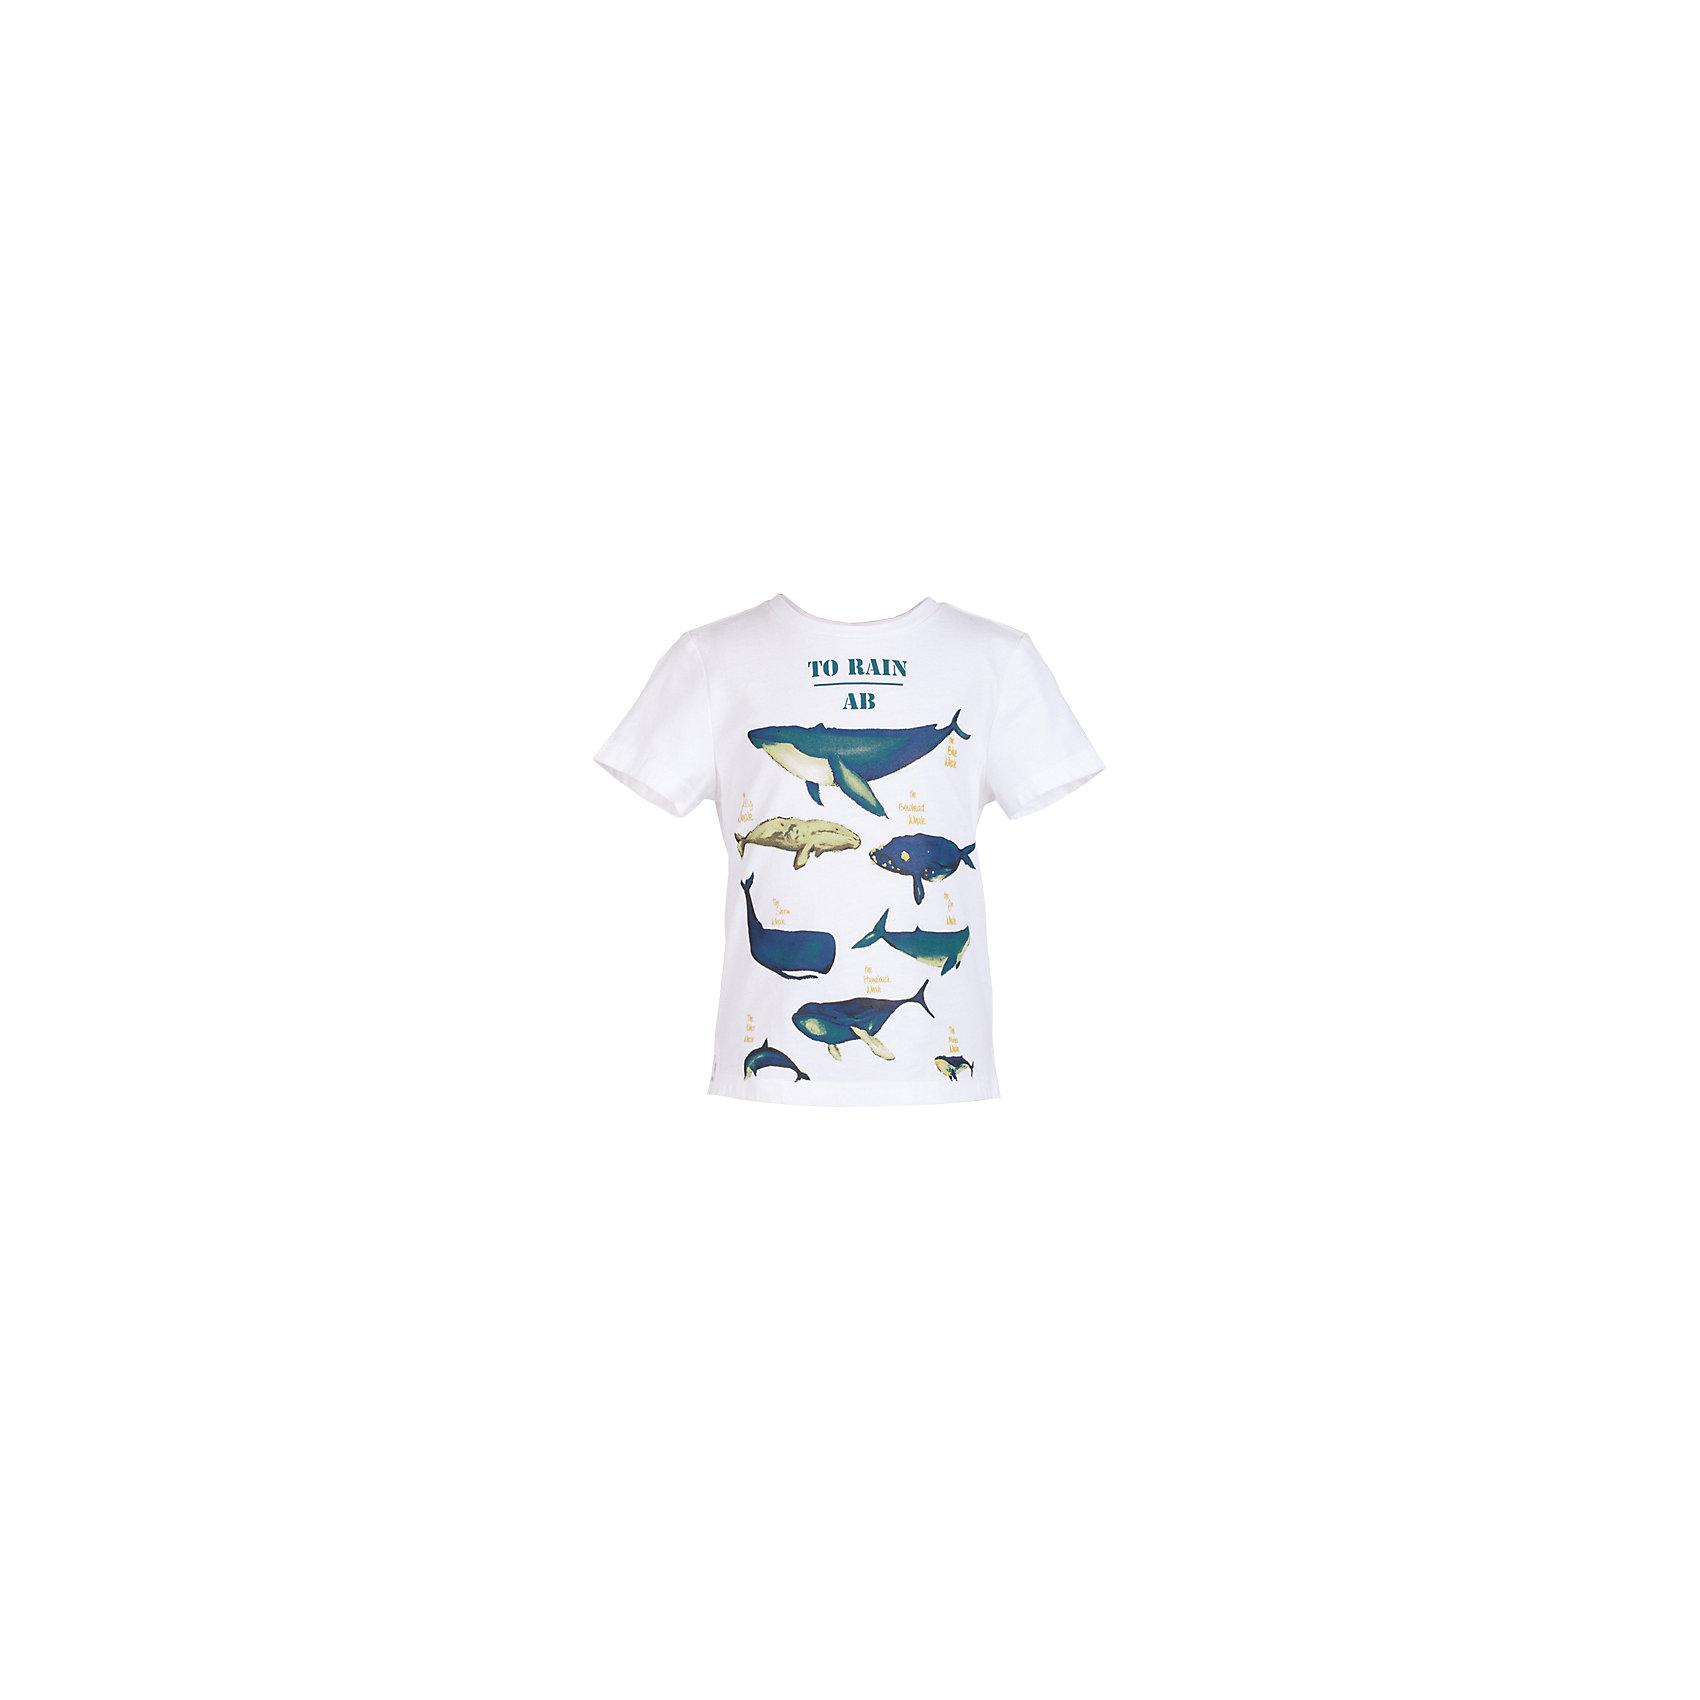 Футболка для мальчика  BUTTON BLUEФутболки, поло и топы<br>Футболка для мальчика  BUTTON BLUE<br>Белая футболка - не только базовая вещь в гардеробе ребенка, но и залог хорошего летнего настроения! Если вы решили купить недорогую белую футболку для мальчика, выберете модель футболки с оригинальным принтом, и ваш ребенок будет доволен! Низкая цена не окажет влияния на бюджет семьи, позволив создать яркий базовый гардероб для долгожданных каникул!<br>Состав:<br>100%  хлопок<br><br>Ширина мм: 199<br>Глубина мм: 10<br>Высота мм: 161<br>Вес г: 151<br>Цвет: белый<br>Возраст от месяцев: 144<br>Возраст до месяцев: 156<br>Пол: Мужской<br>Возраст: Детский<br>Размер: 158,98,104,110,116,122,128,140,146,152<br>SKU: 5524210